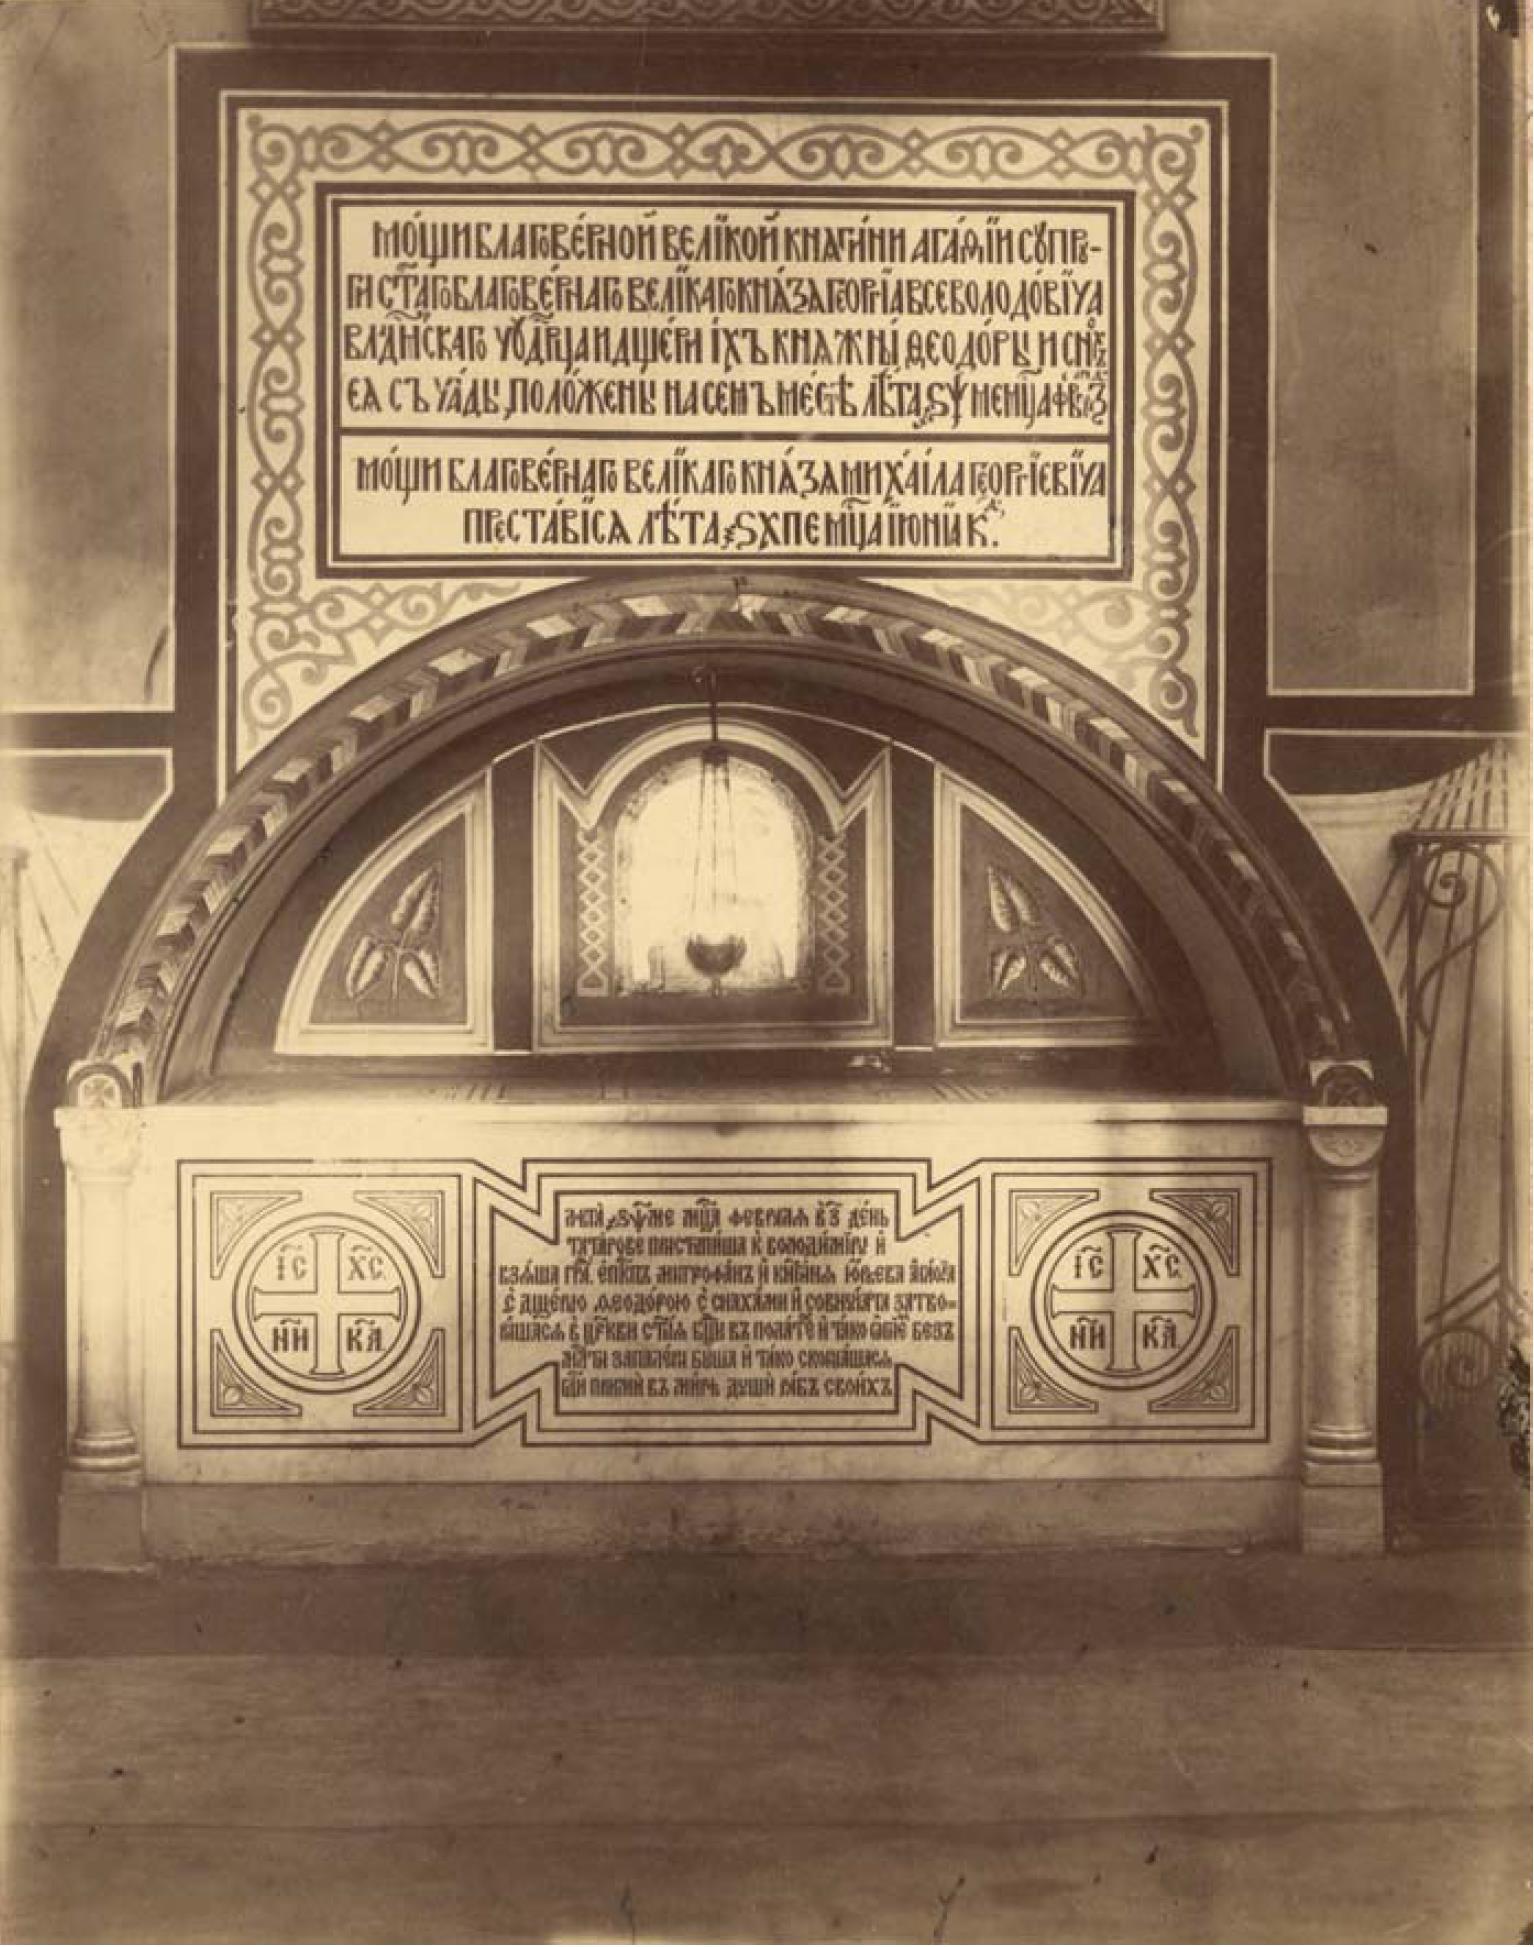 05. Гробница княгини Агафьи в северной галерее. Аркосолий северной стены (третий с запада), с живописным орнаментом. Зборомирский И.М. 1889–1890